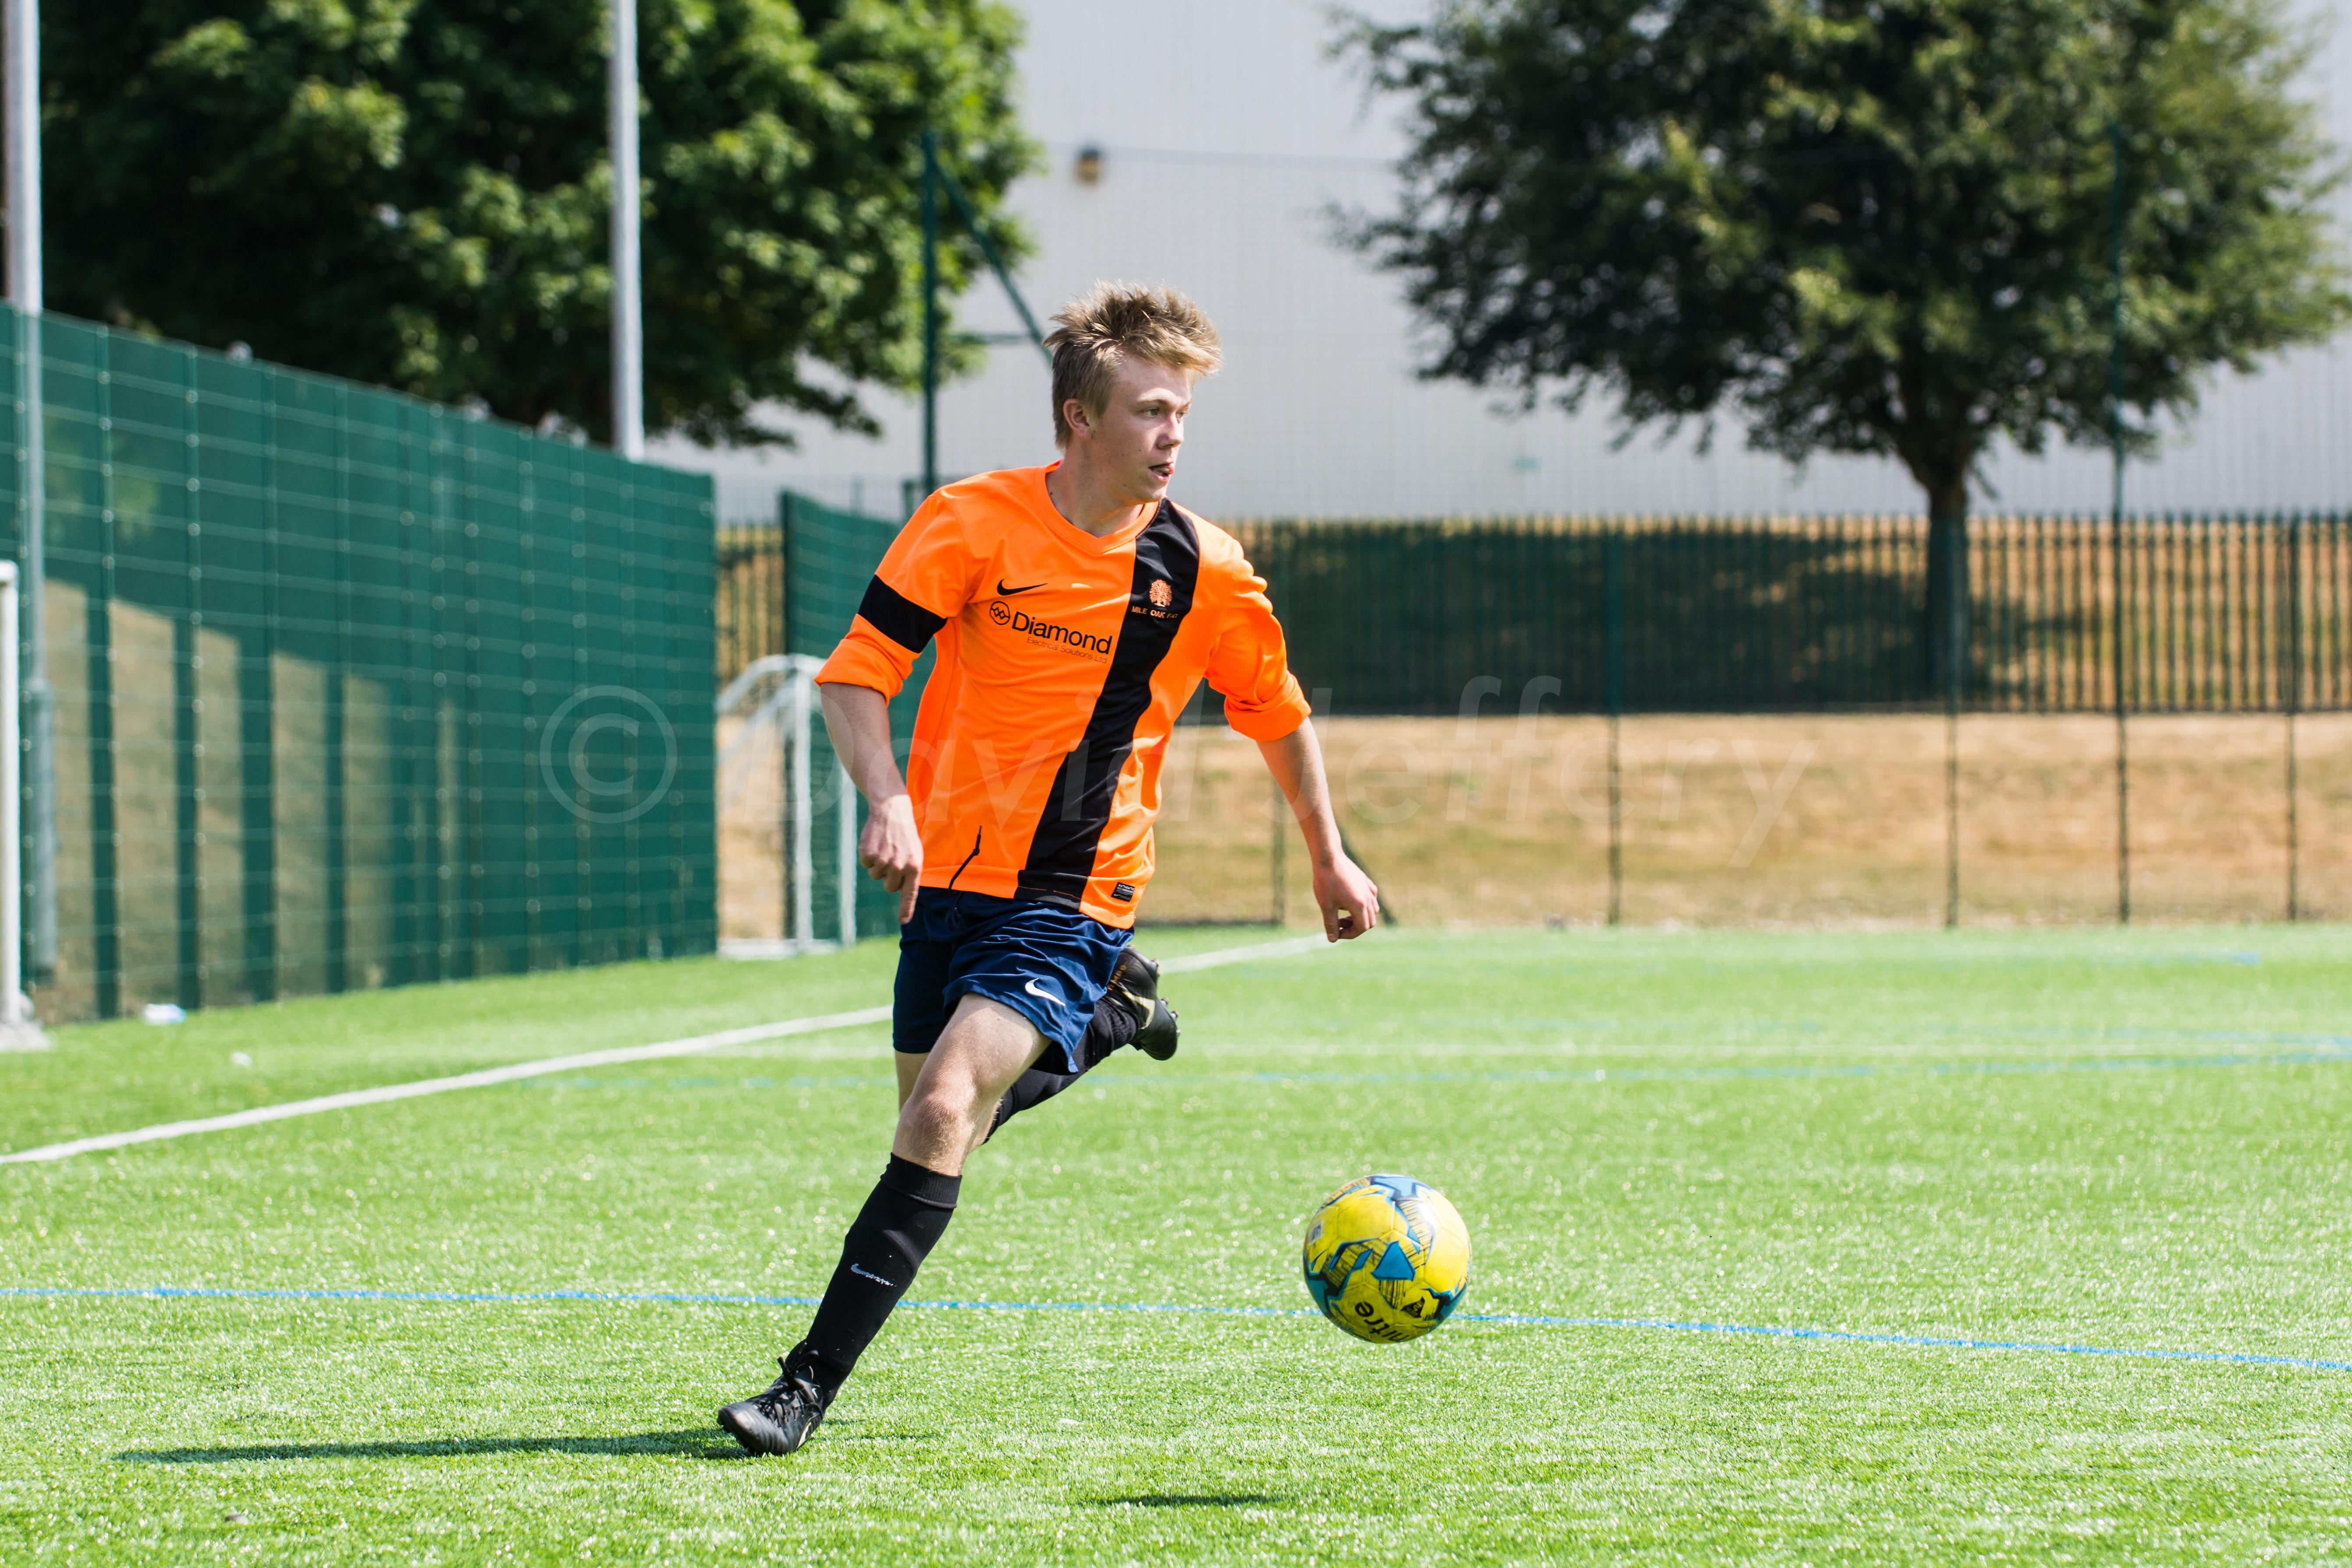 DAVID_JEFFERY Montpellier Villa vs Mile Oak FC 21.07.18 0017